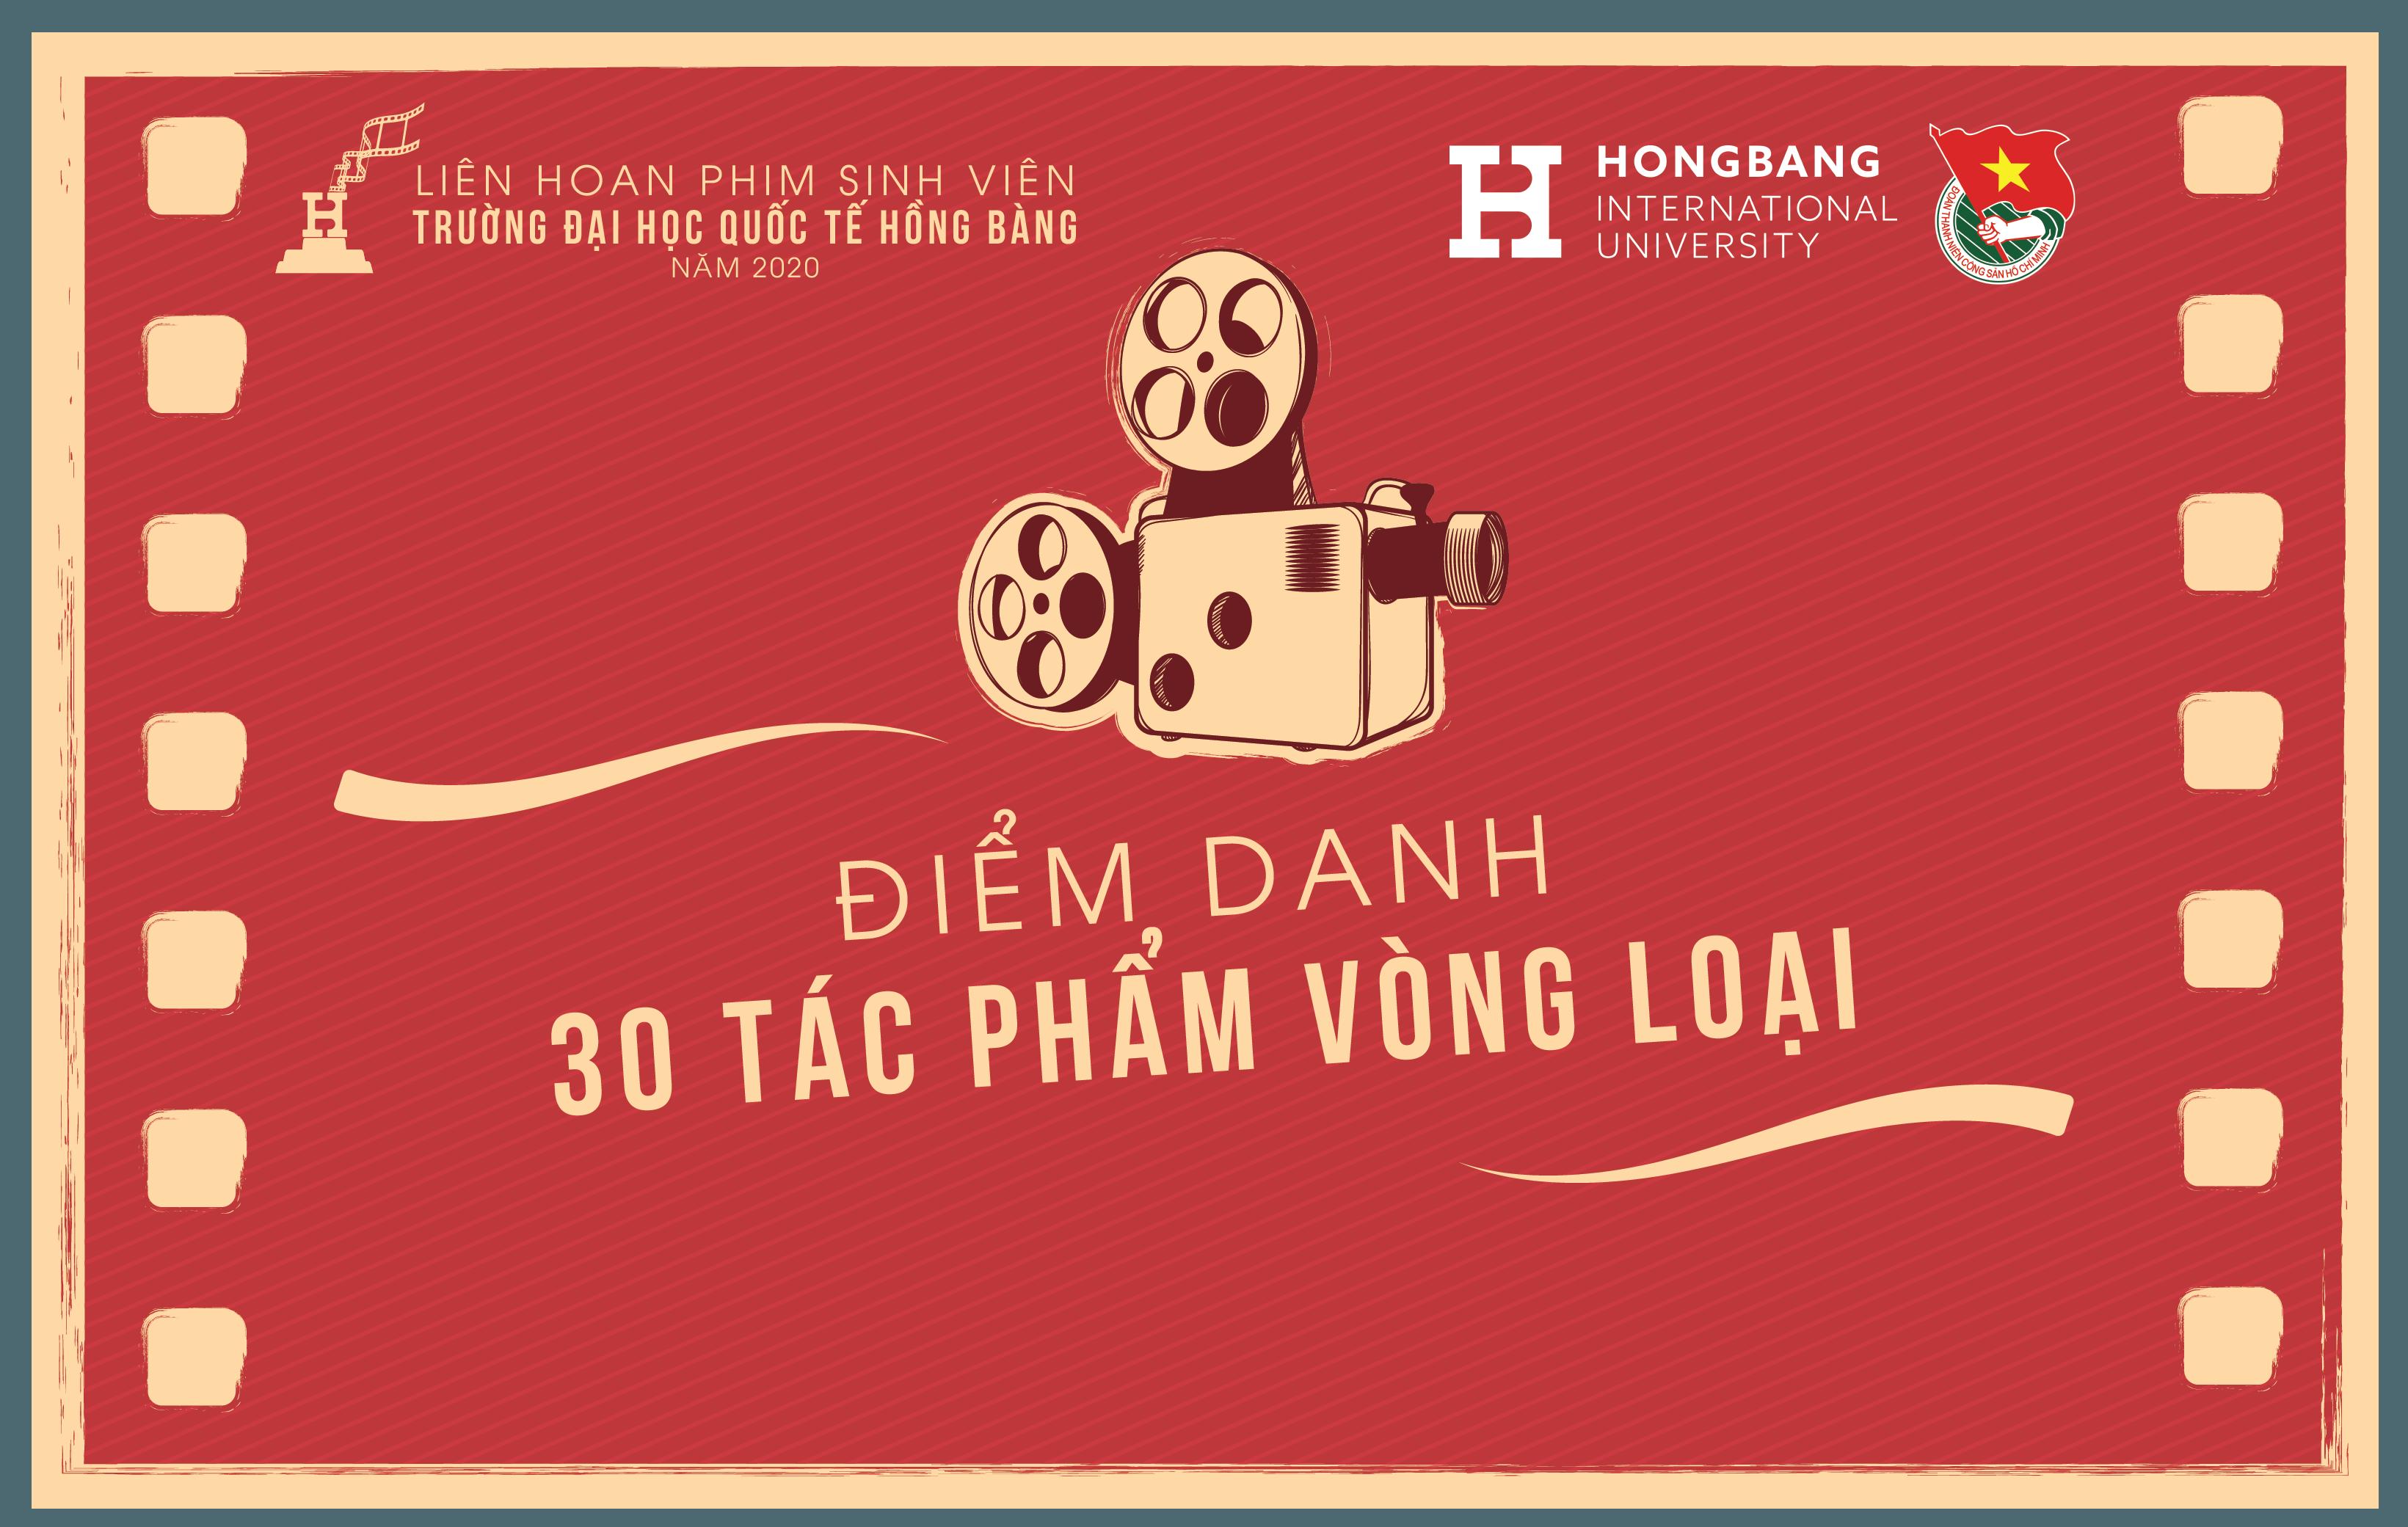 Điểm danh 30 tác phẩm tham dự HIU Film Festival